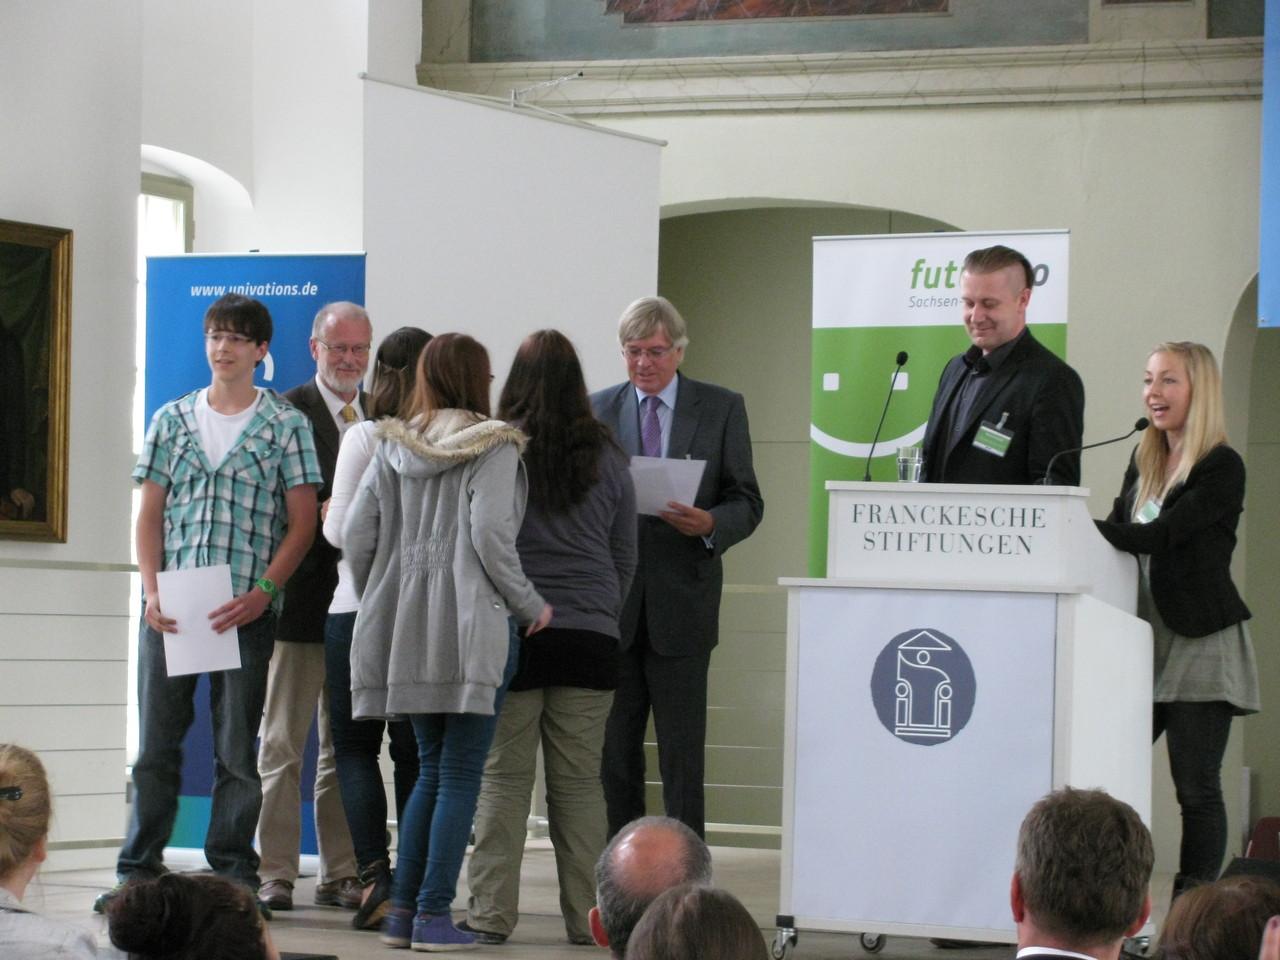 Herr Hartmut Möllring gratuliert hier als Minister für Wissenschaft & Wirtschaft des Landes Sachsen - Anhalt unseren 4 Schülern